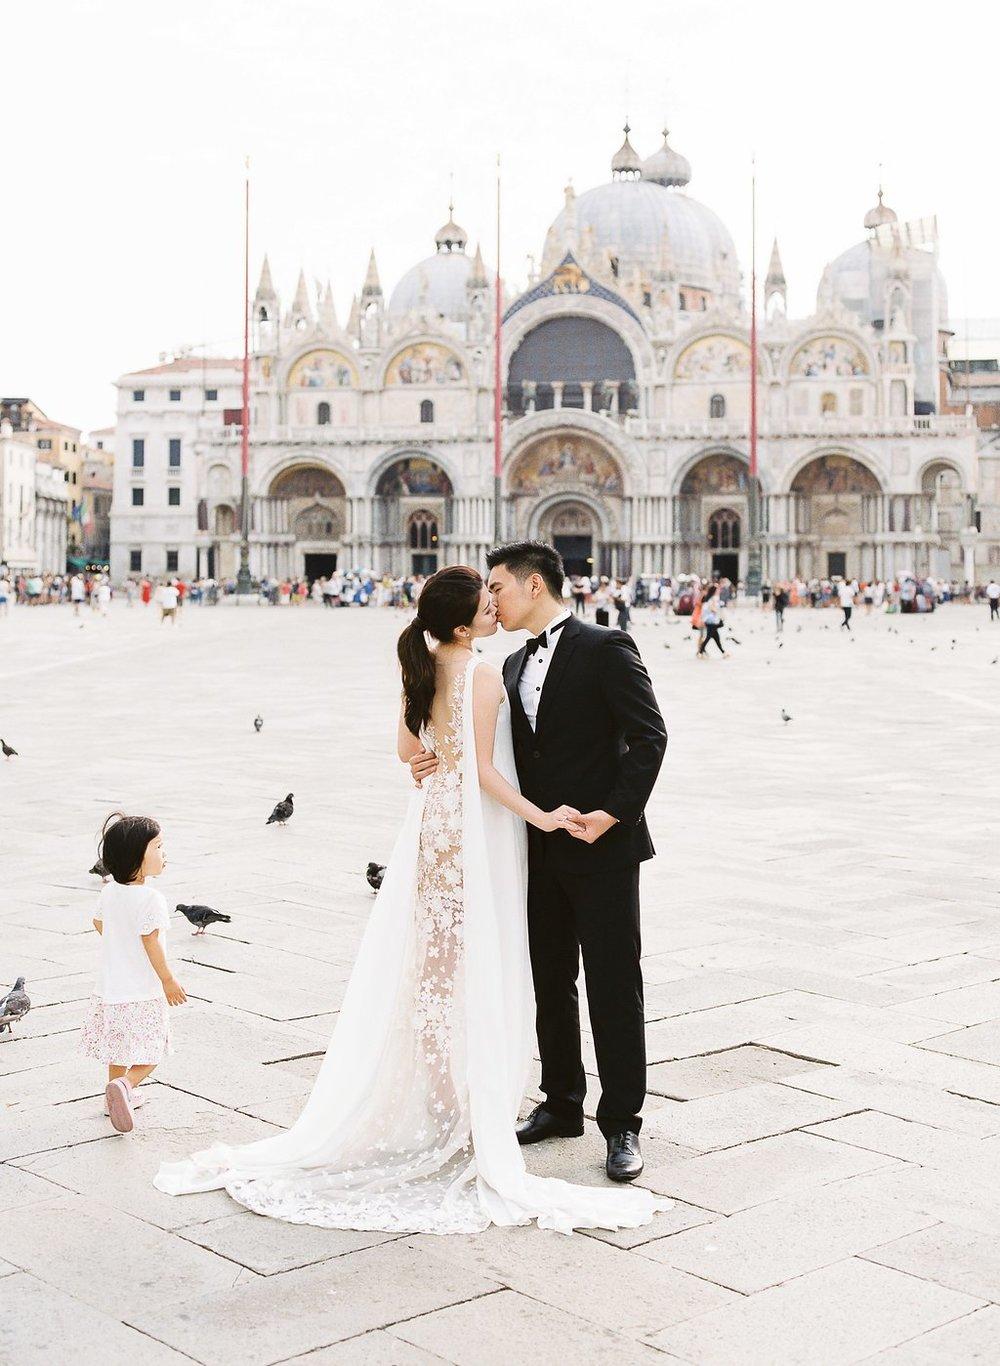 Destination pre-wedding session in Venice Italy | Tanja Kibogo photography film4.jpg